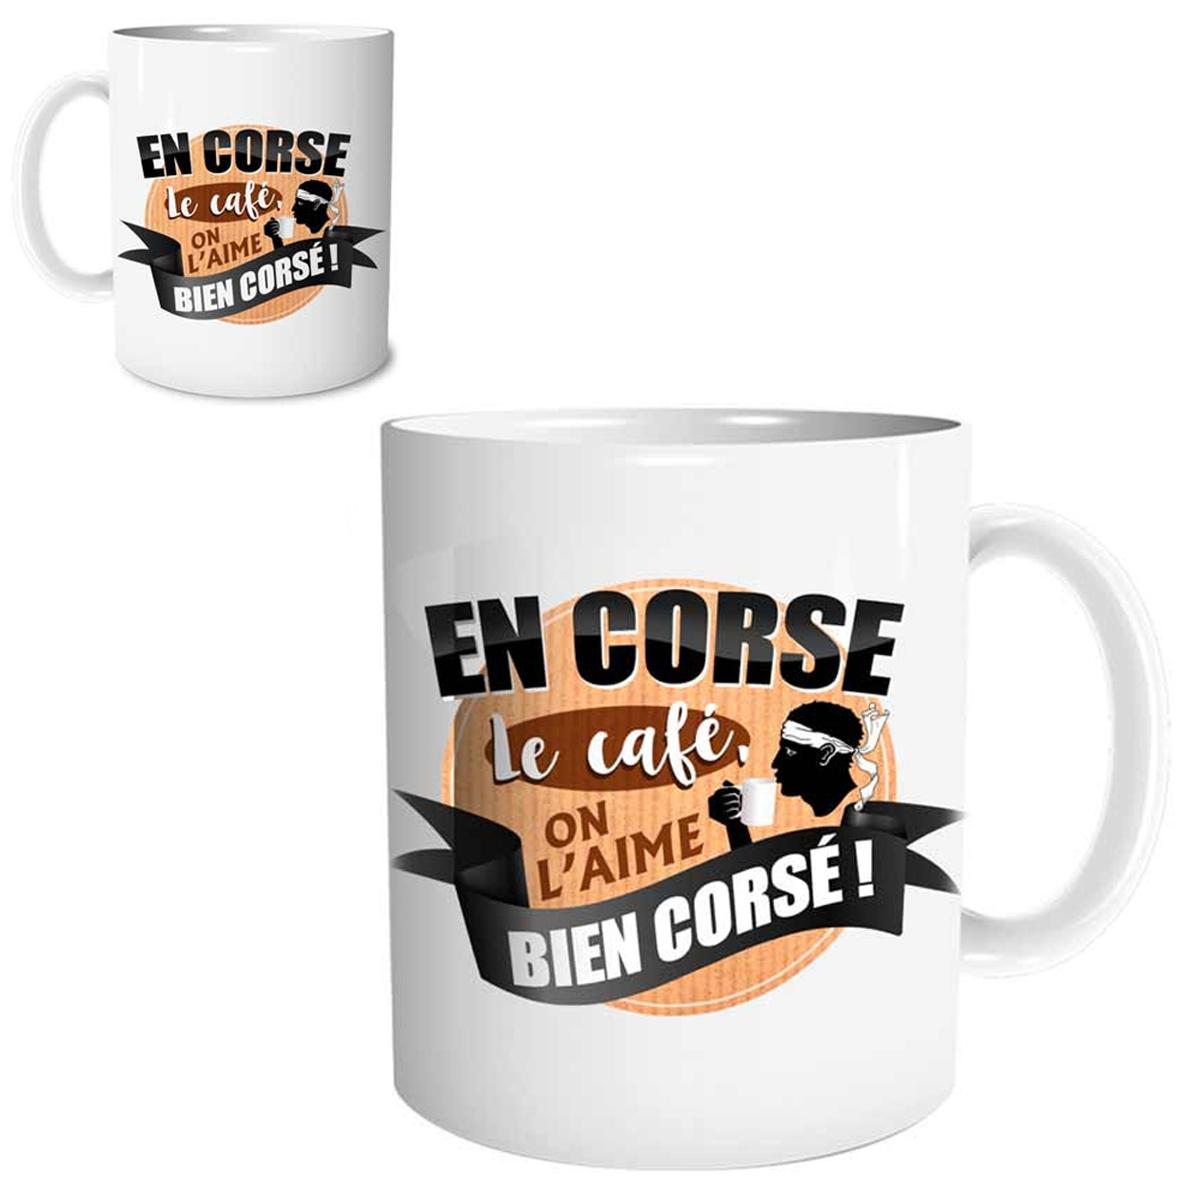 Mug céramique \'Corse\' (En Corse le café on l\'aime bien corsé !) - 95x80 mm - [R1642]